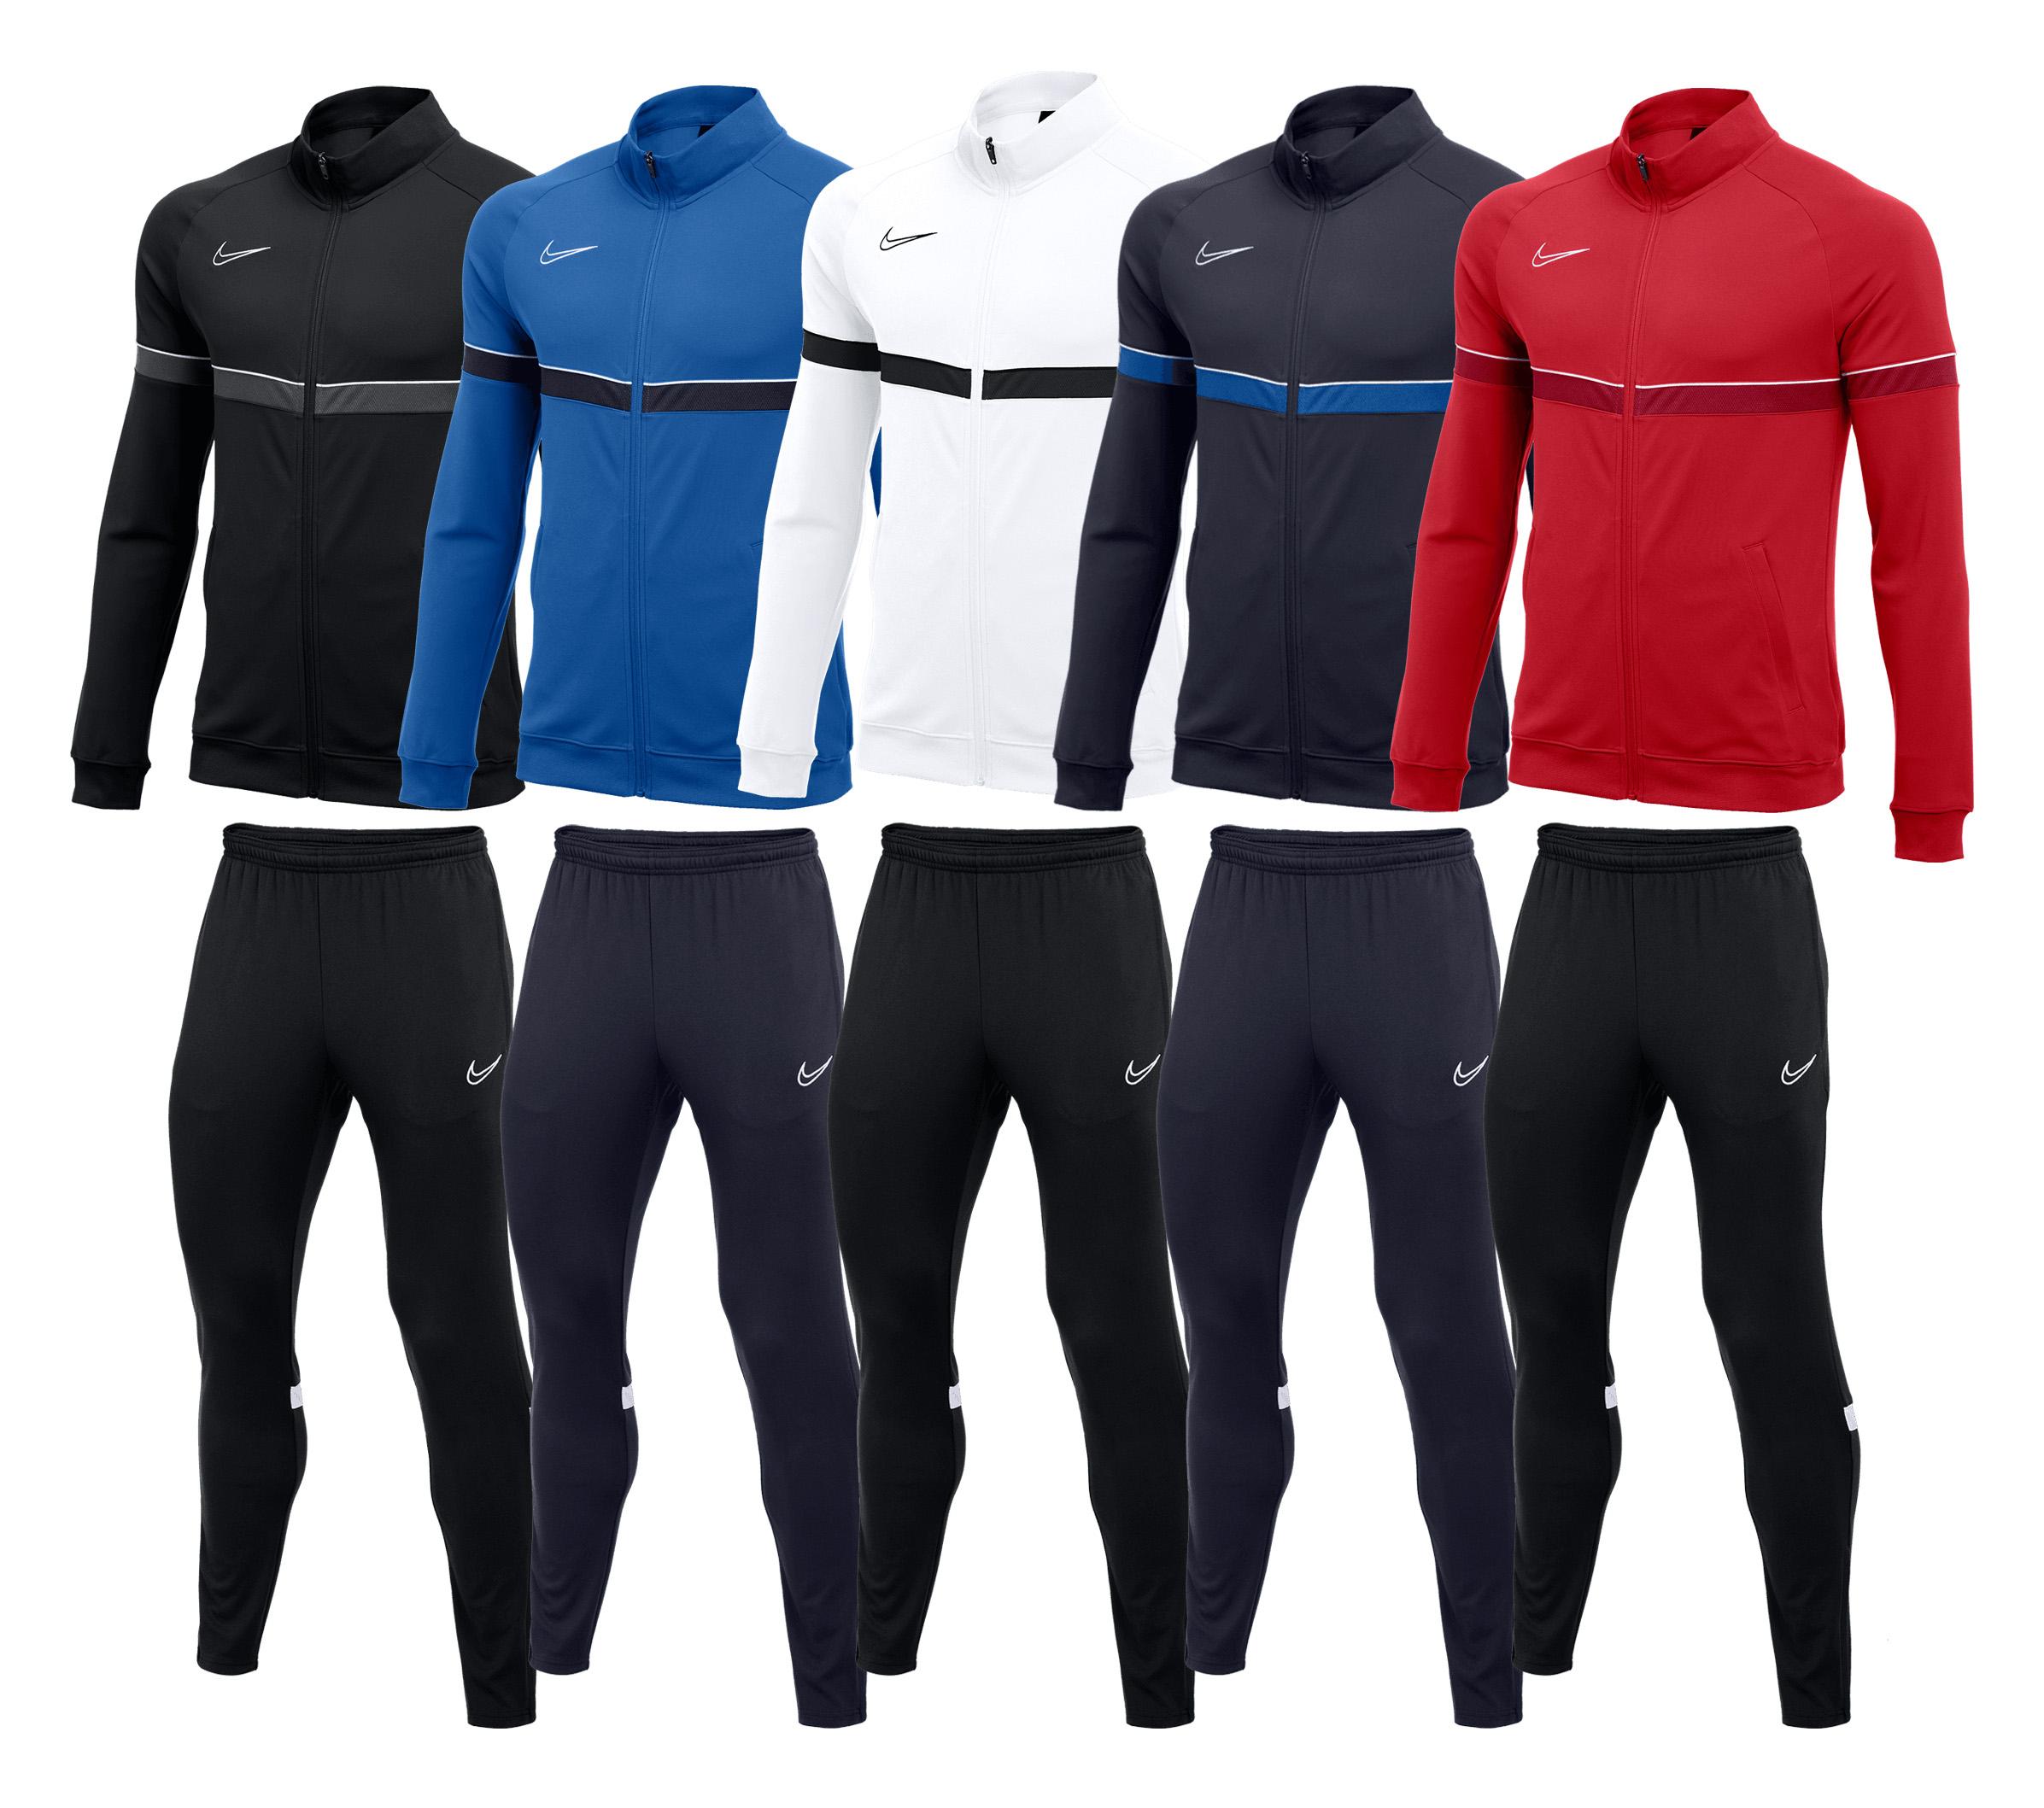 Nike Trainingsanzug Academy 21 (bestehend aus Trainingsjacke und Trainingshose, Gr. S - XXL,6 verschiedene Farben)